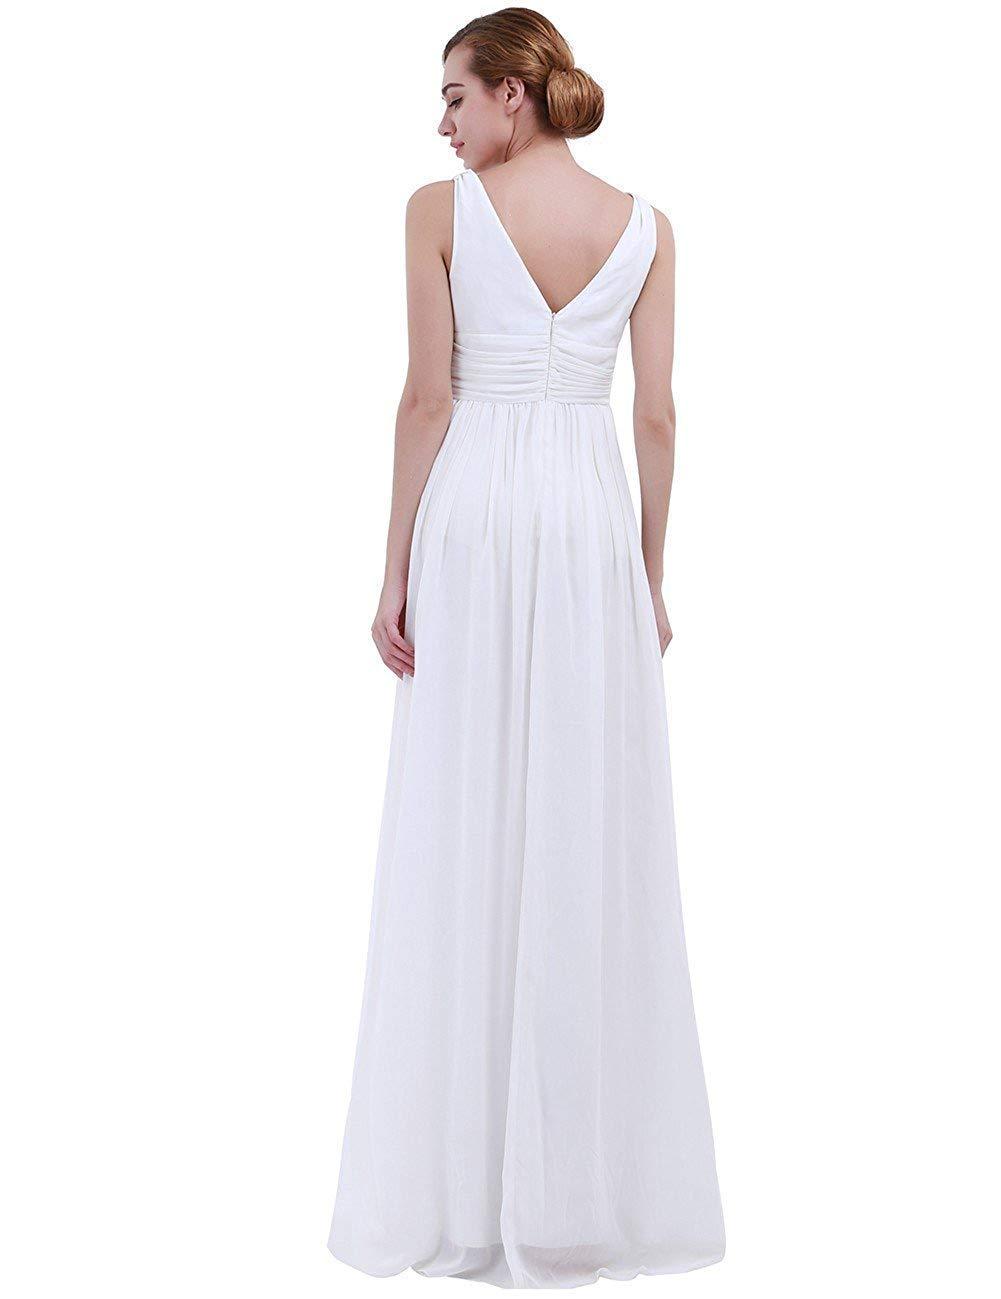 Blanc Taille UK 16     12 MJY Mode féminine sans hommeches col en V profond en mousseline de soie demoiselle d'honneur robe de soirée,corail,Taille UK 14     10